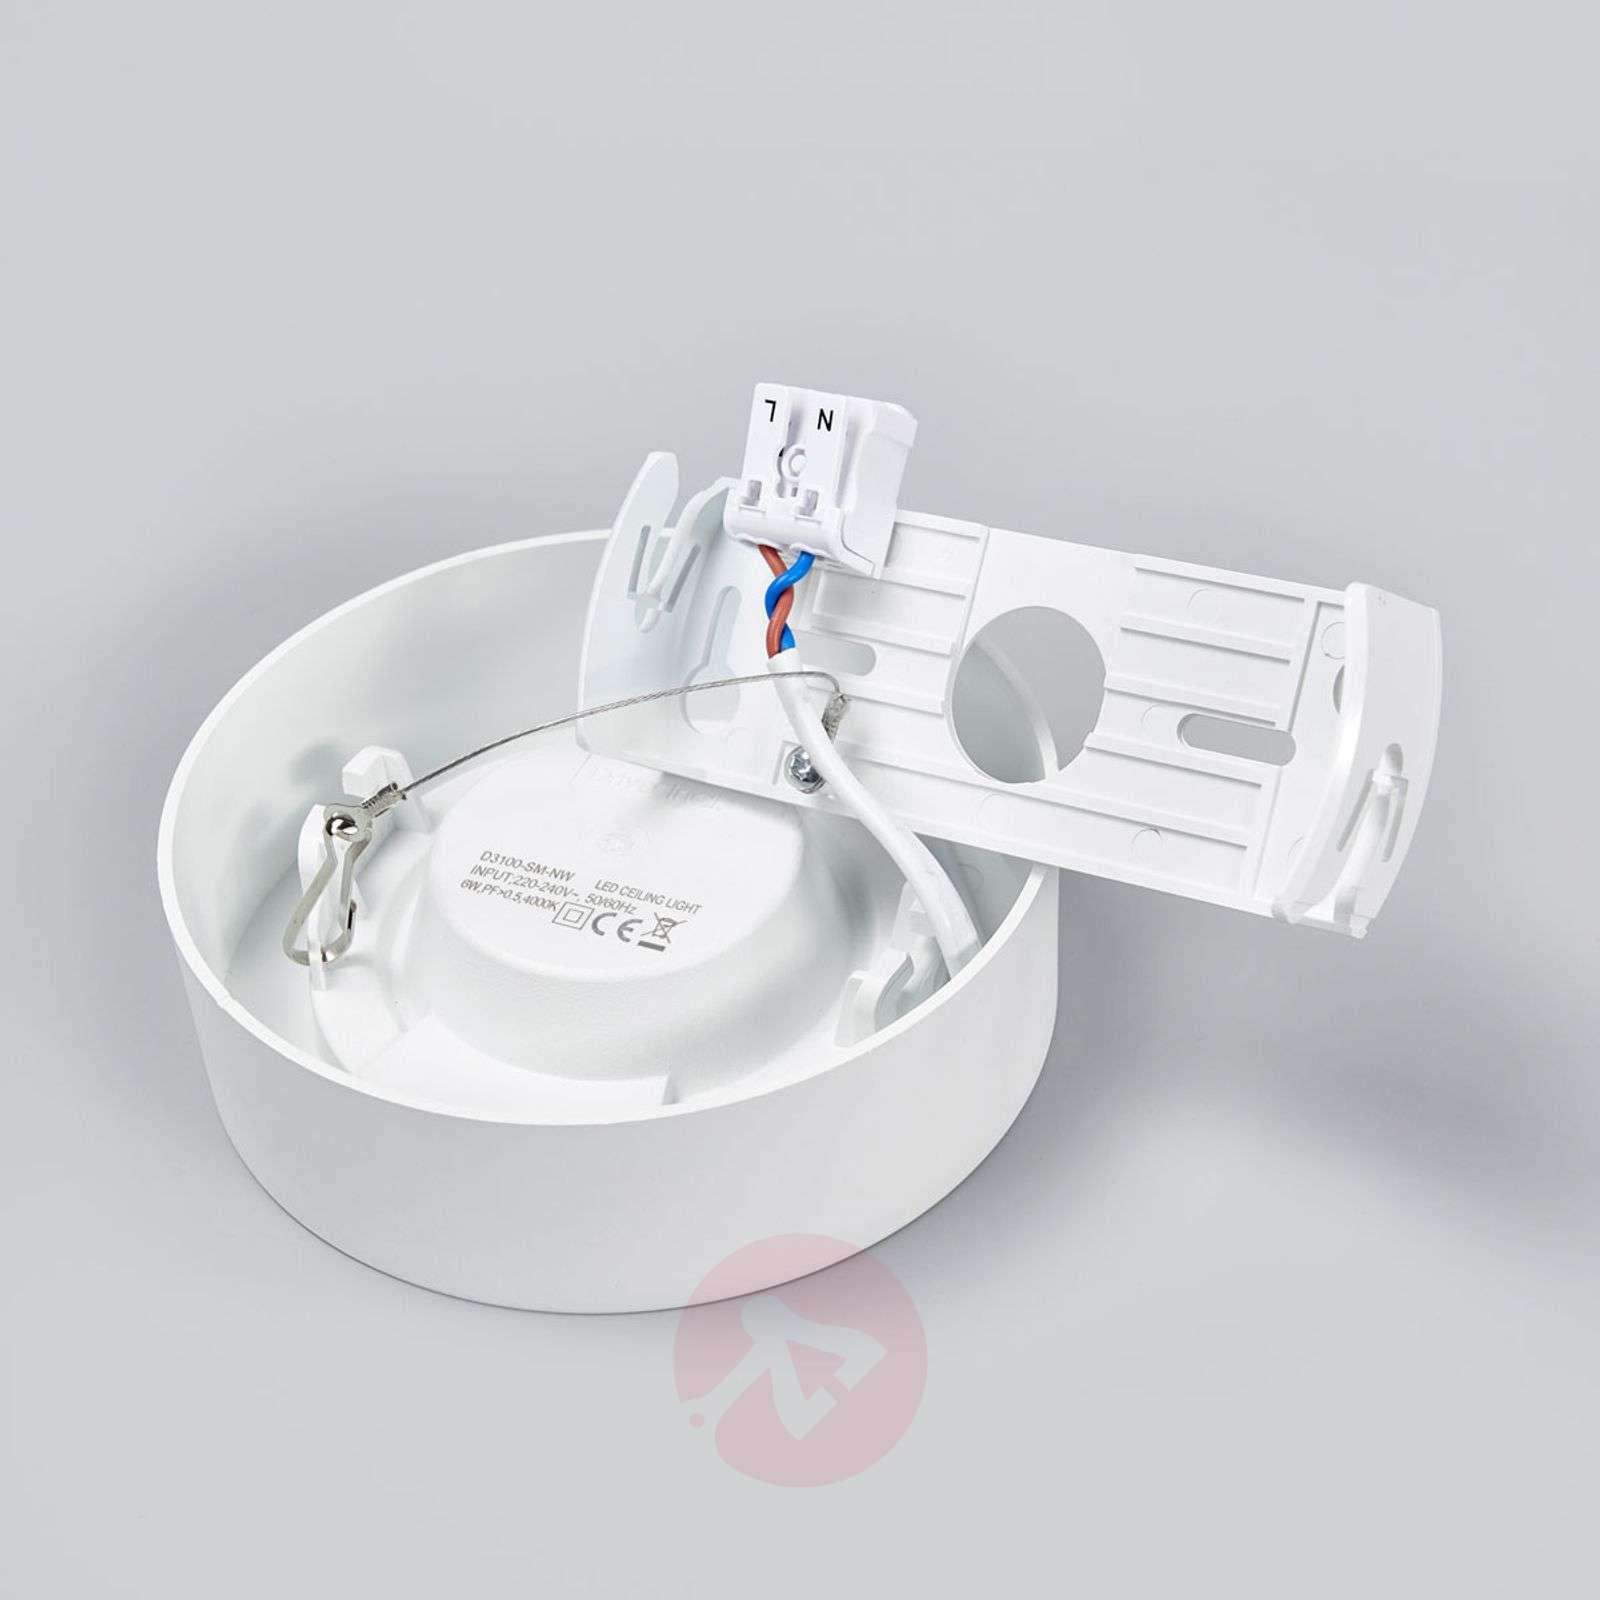 LED-kattovalo Marlo valkoinen 4000K pyöreä 12,8cm-9978063-02